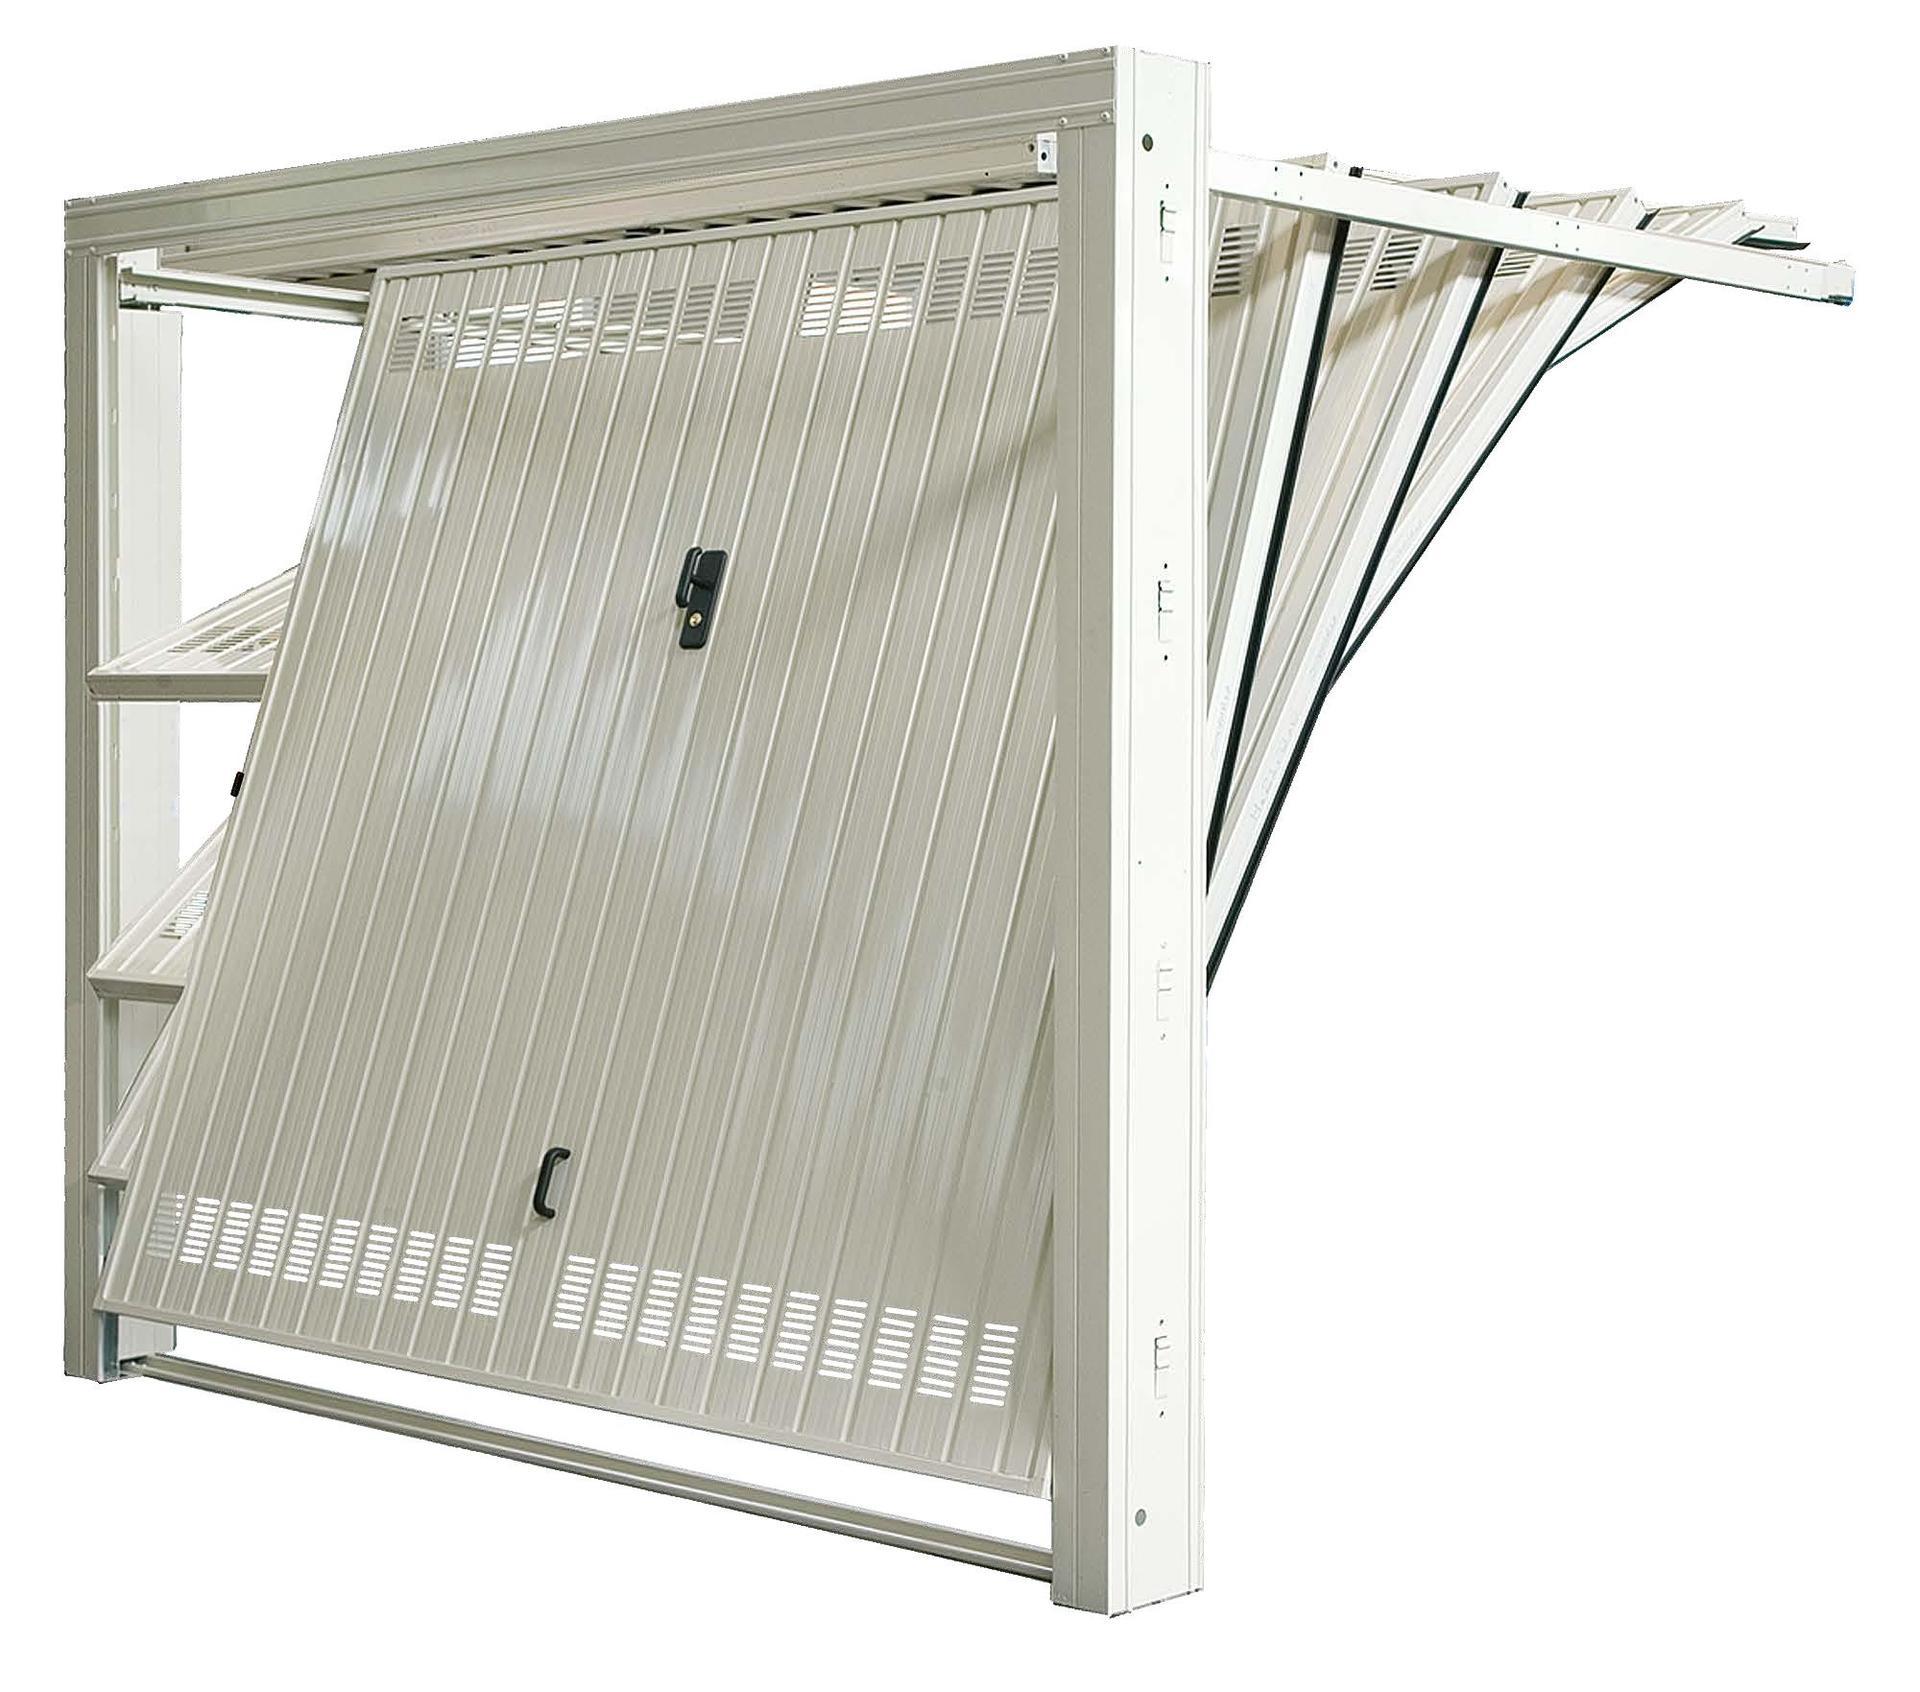 Porte basculanti su misura piancogno bs sandrini serrande for Porta basculante per cani grandi con microchip